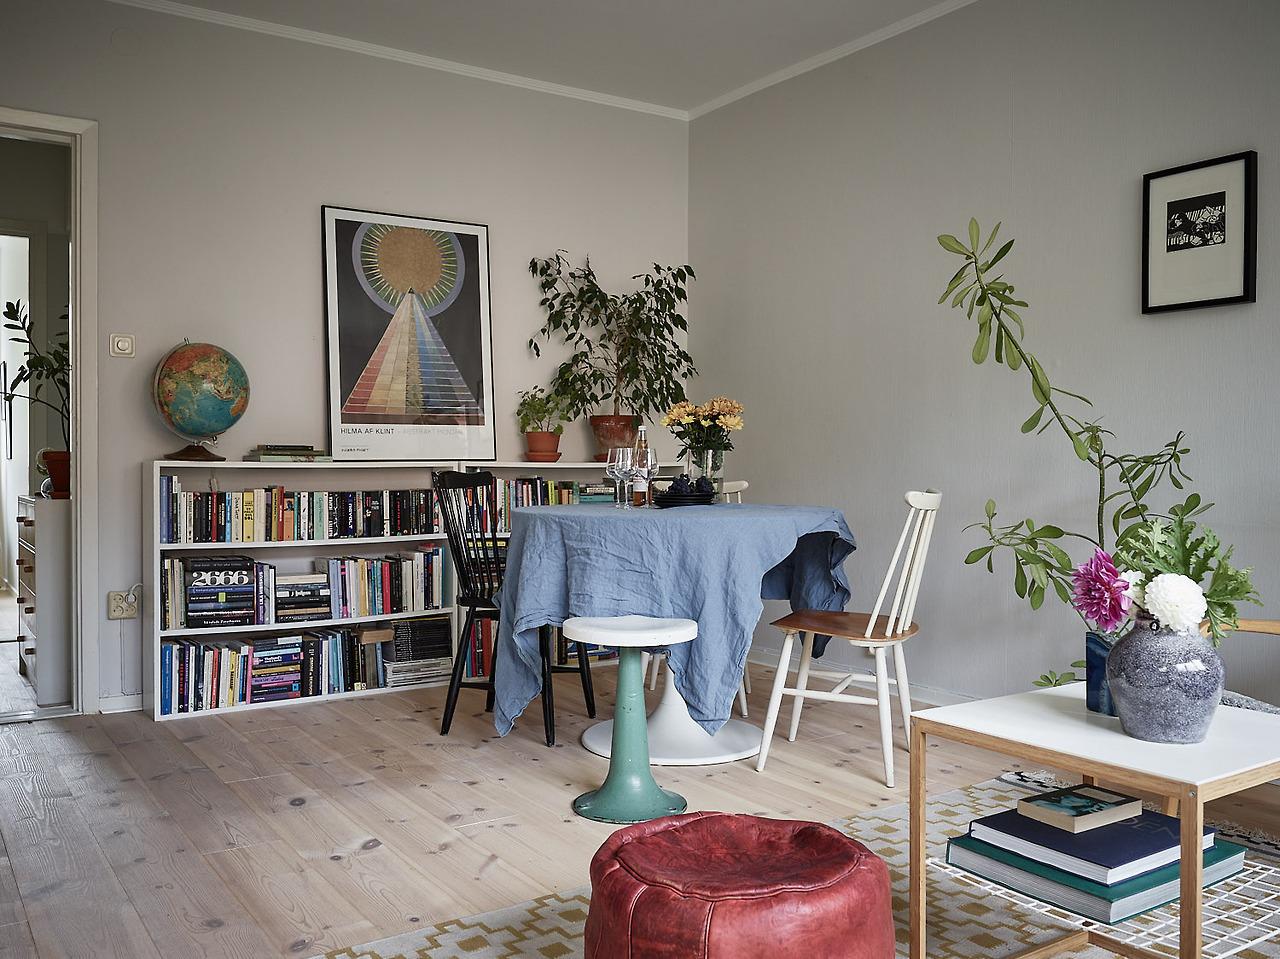 #Квартира#дизайнпроект #дизайнквартиры #дизайндома #дизайнстудия #дизайнкухни